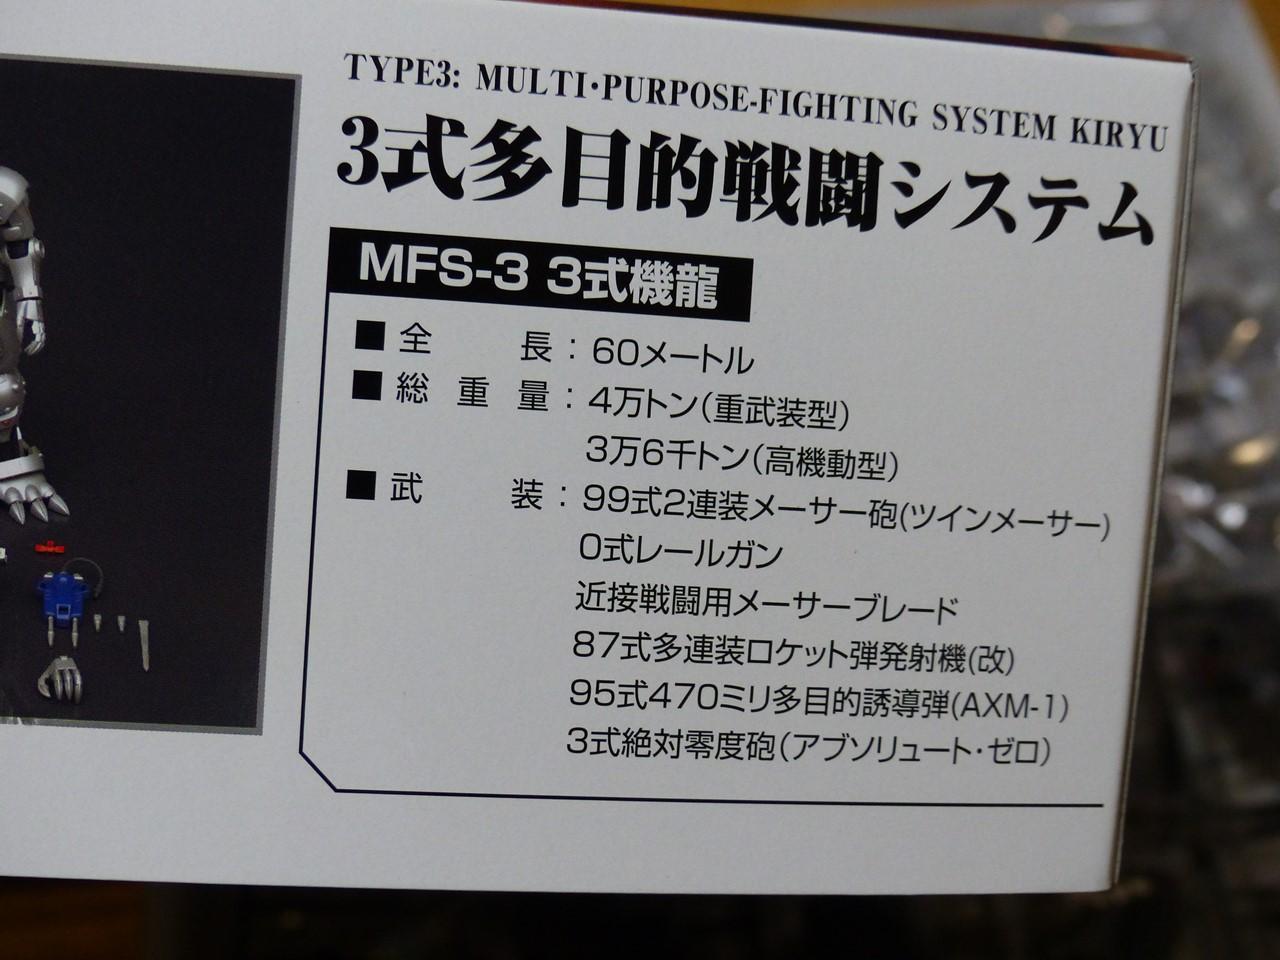 アオシマ 3式機龍